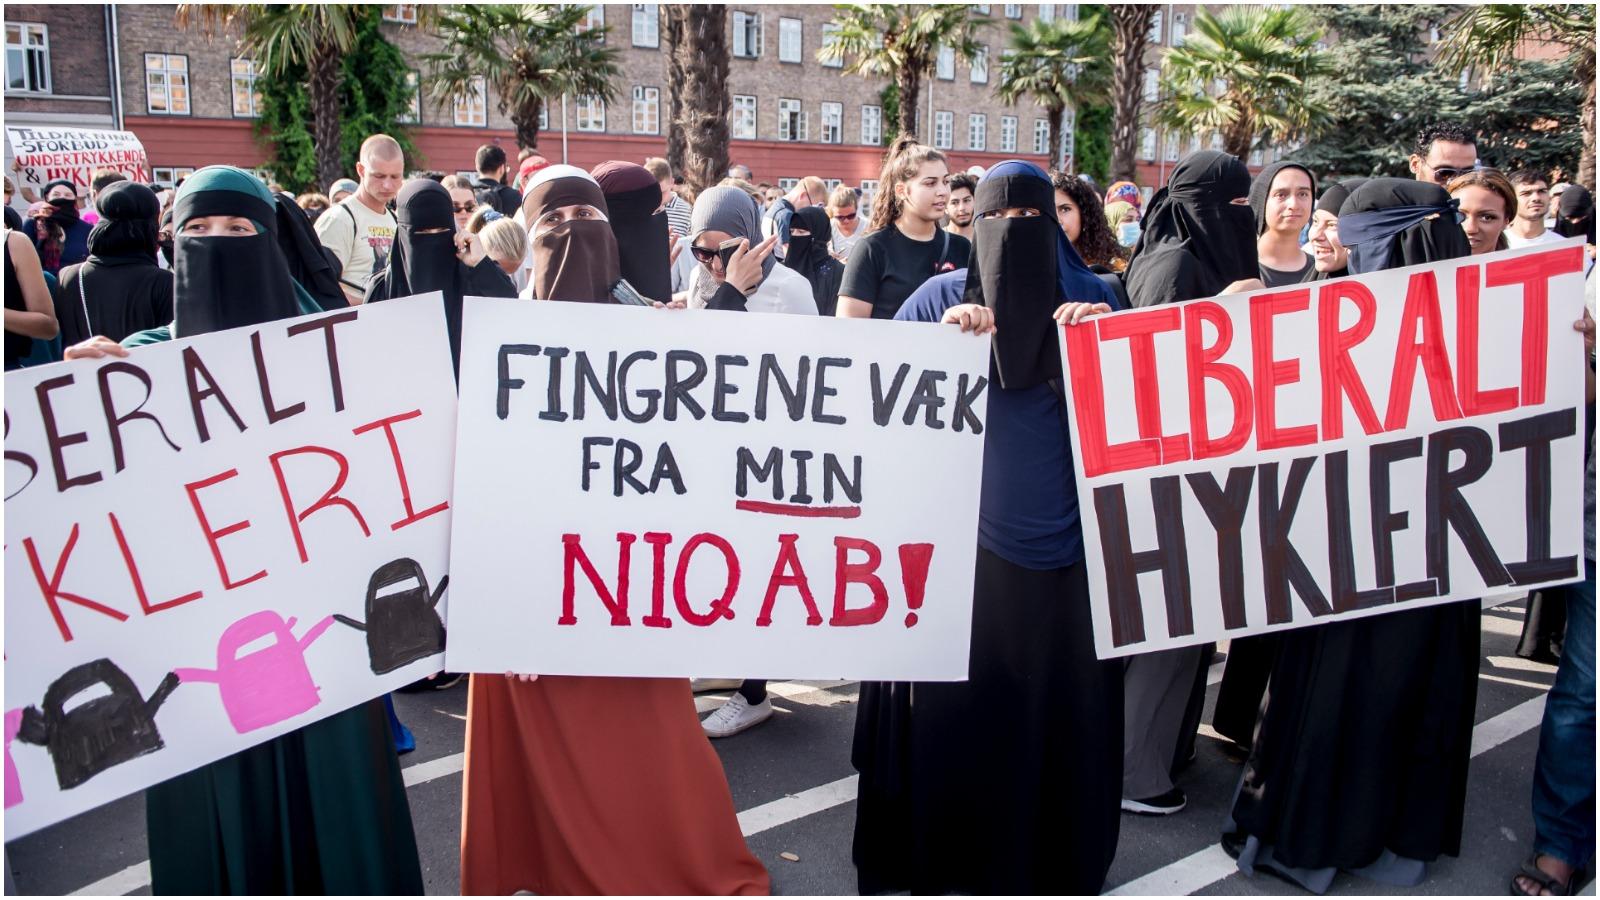 Alexander Grandt (S) om burkaforbuddet: Hvorfor demonstrerer venstrefløjen sammen med yderliggående islamister?